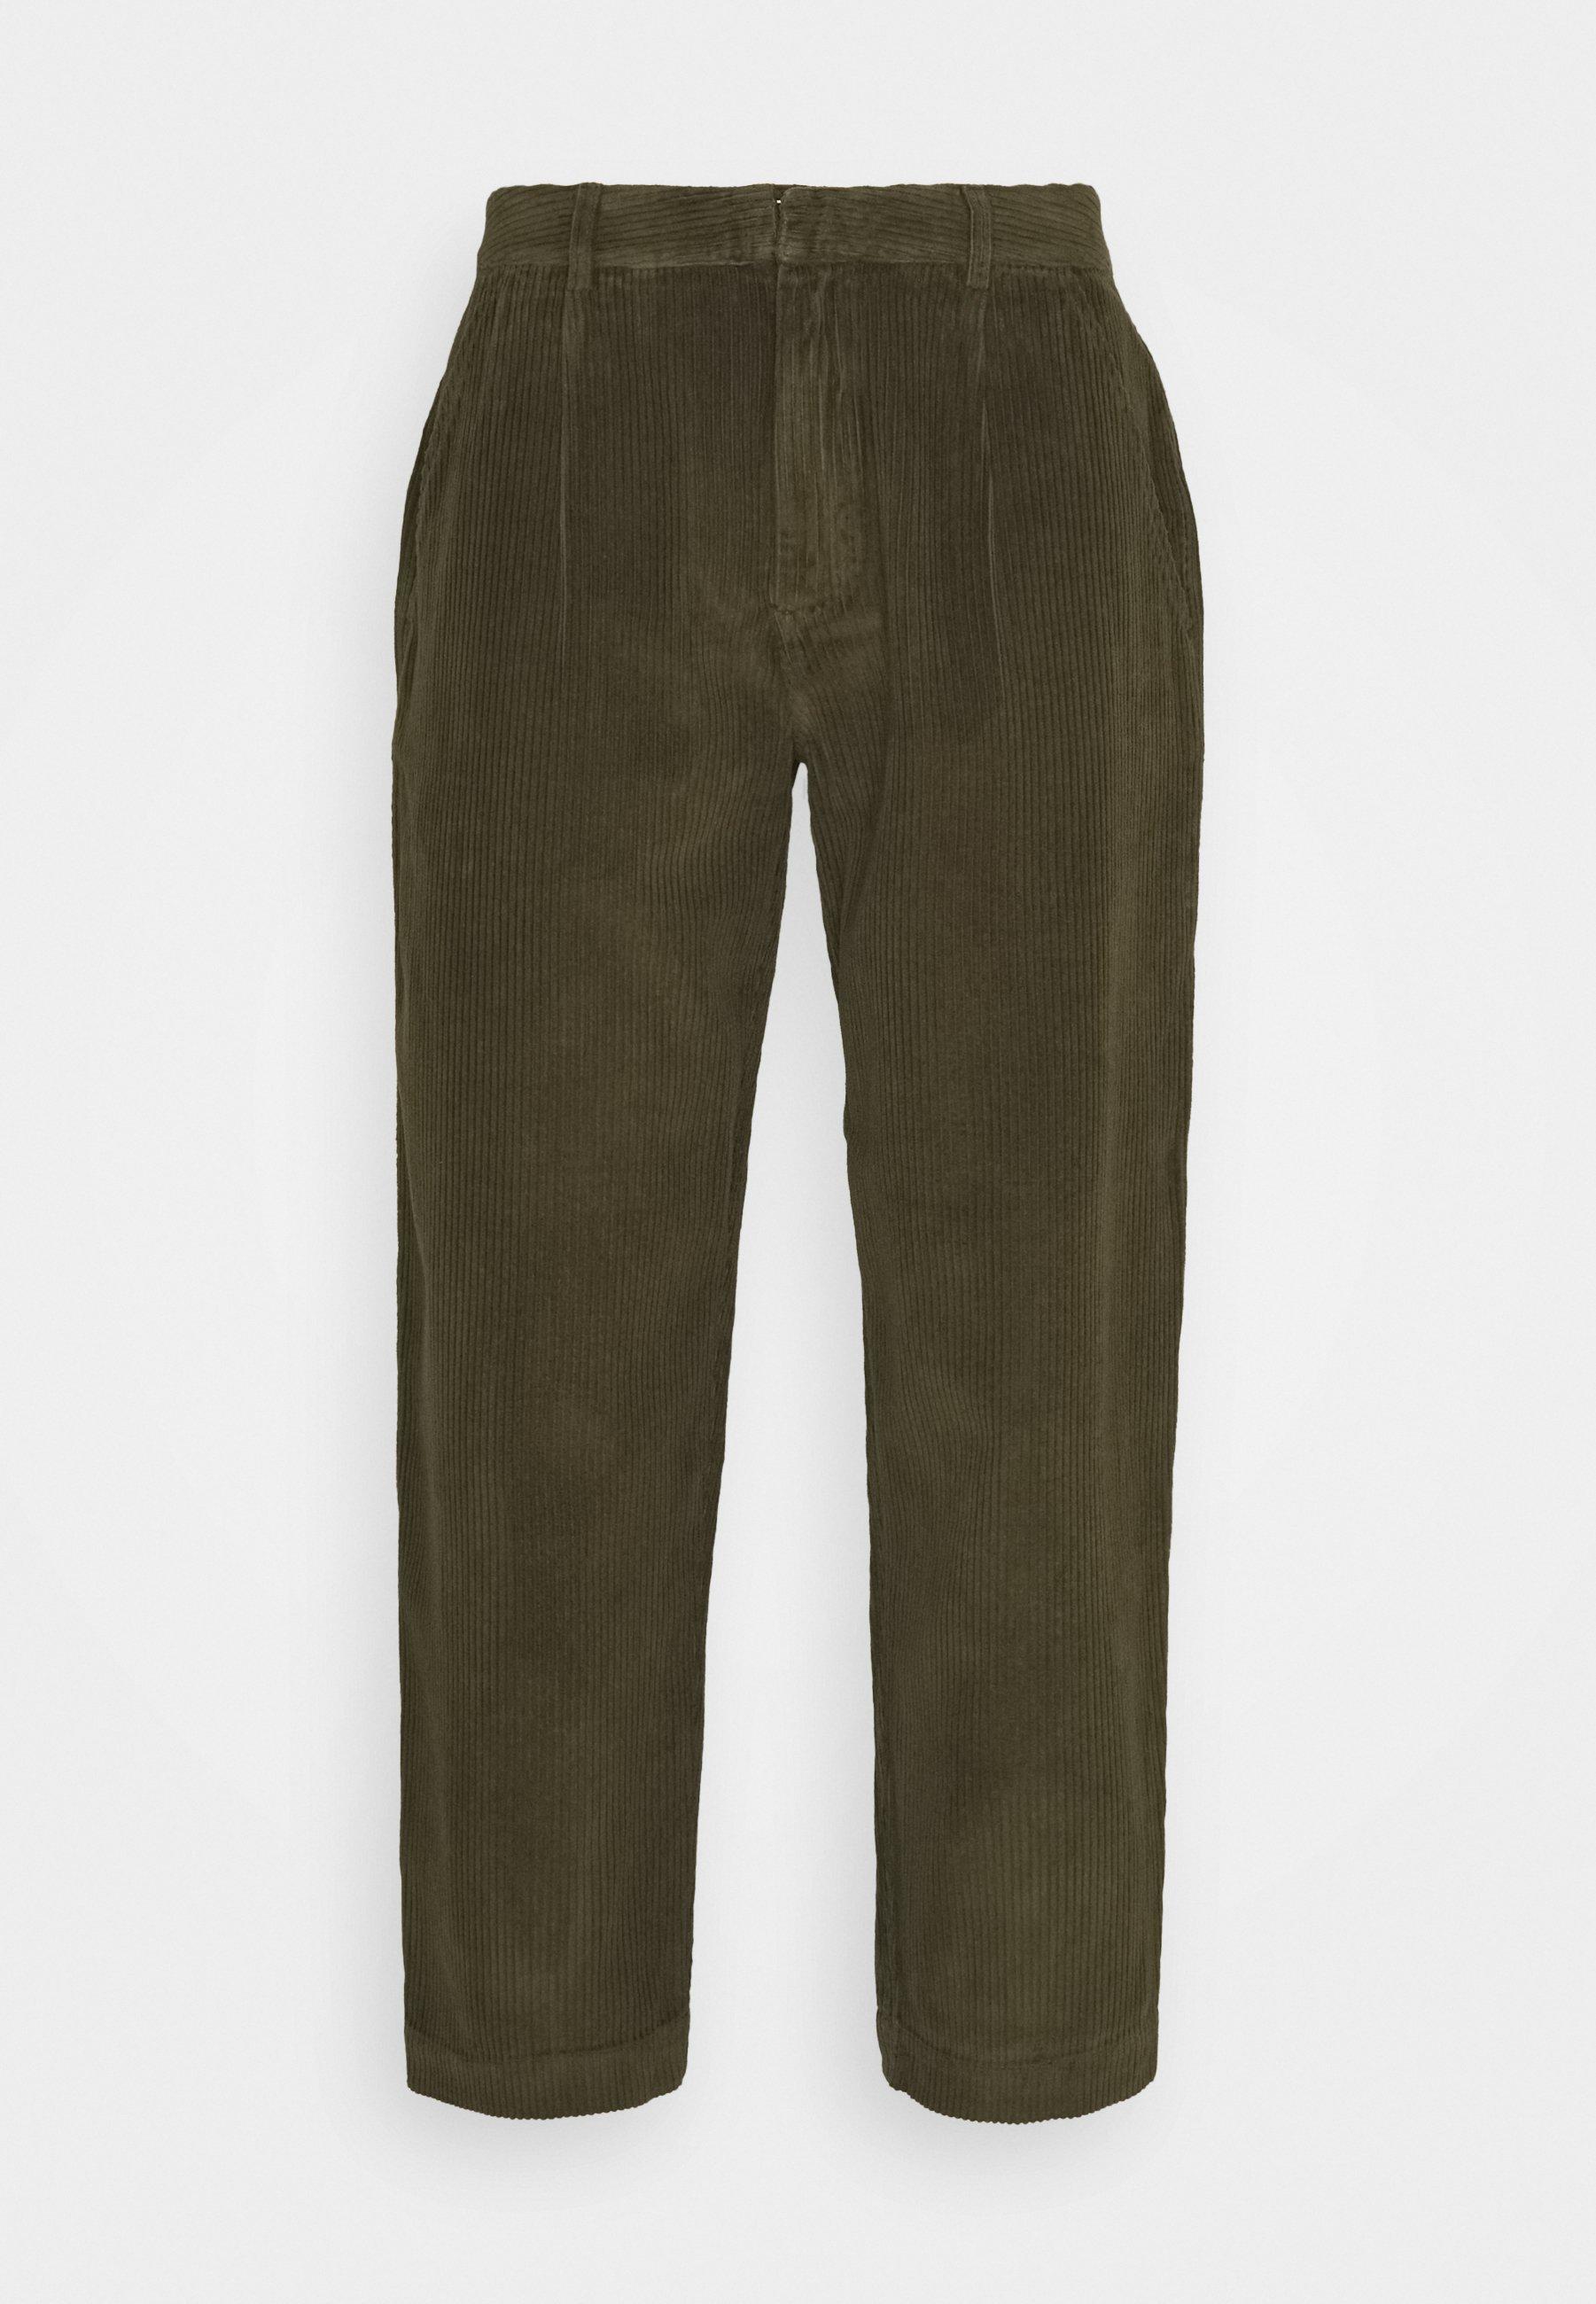 Homme SIGNAL PANT - Pantalon classique - olive